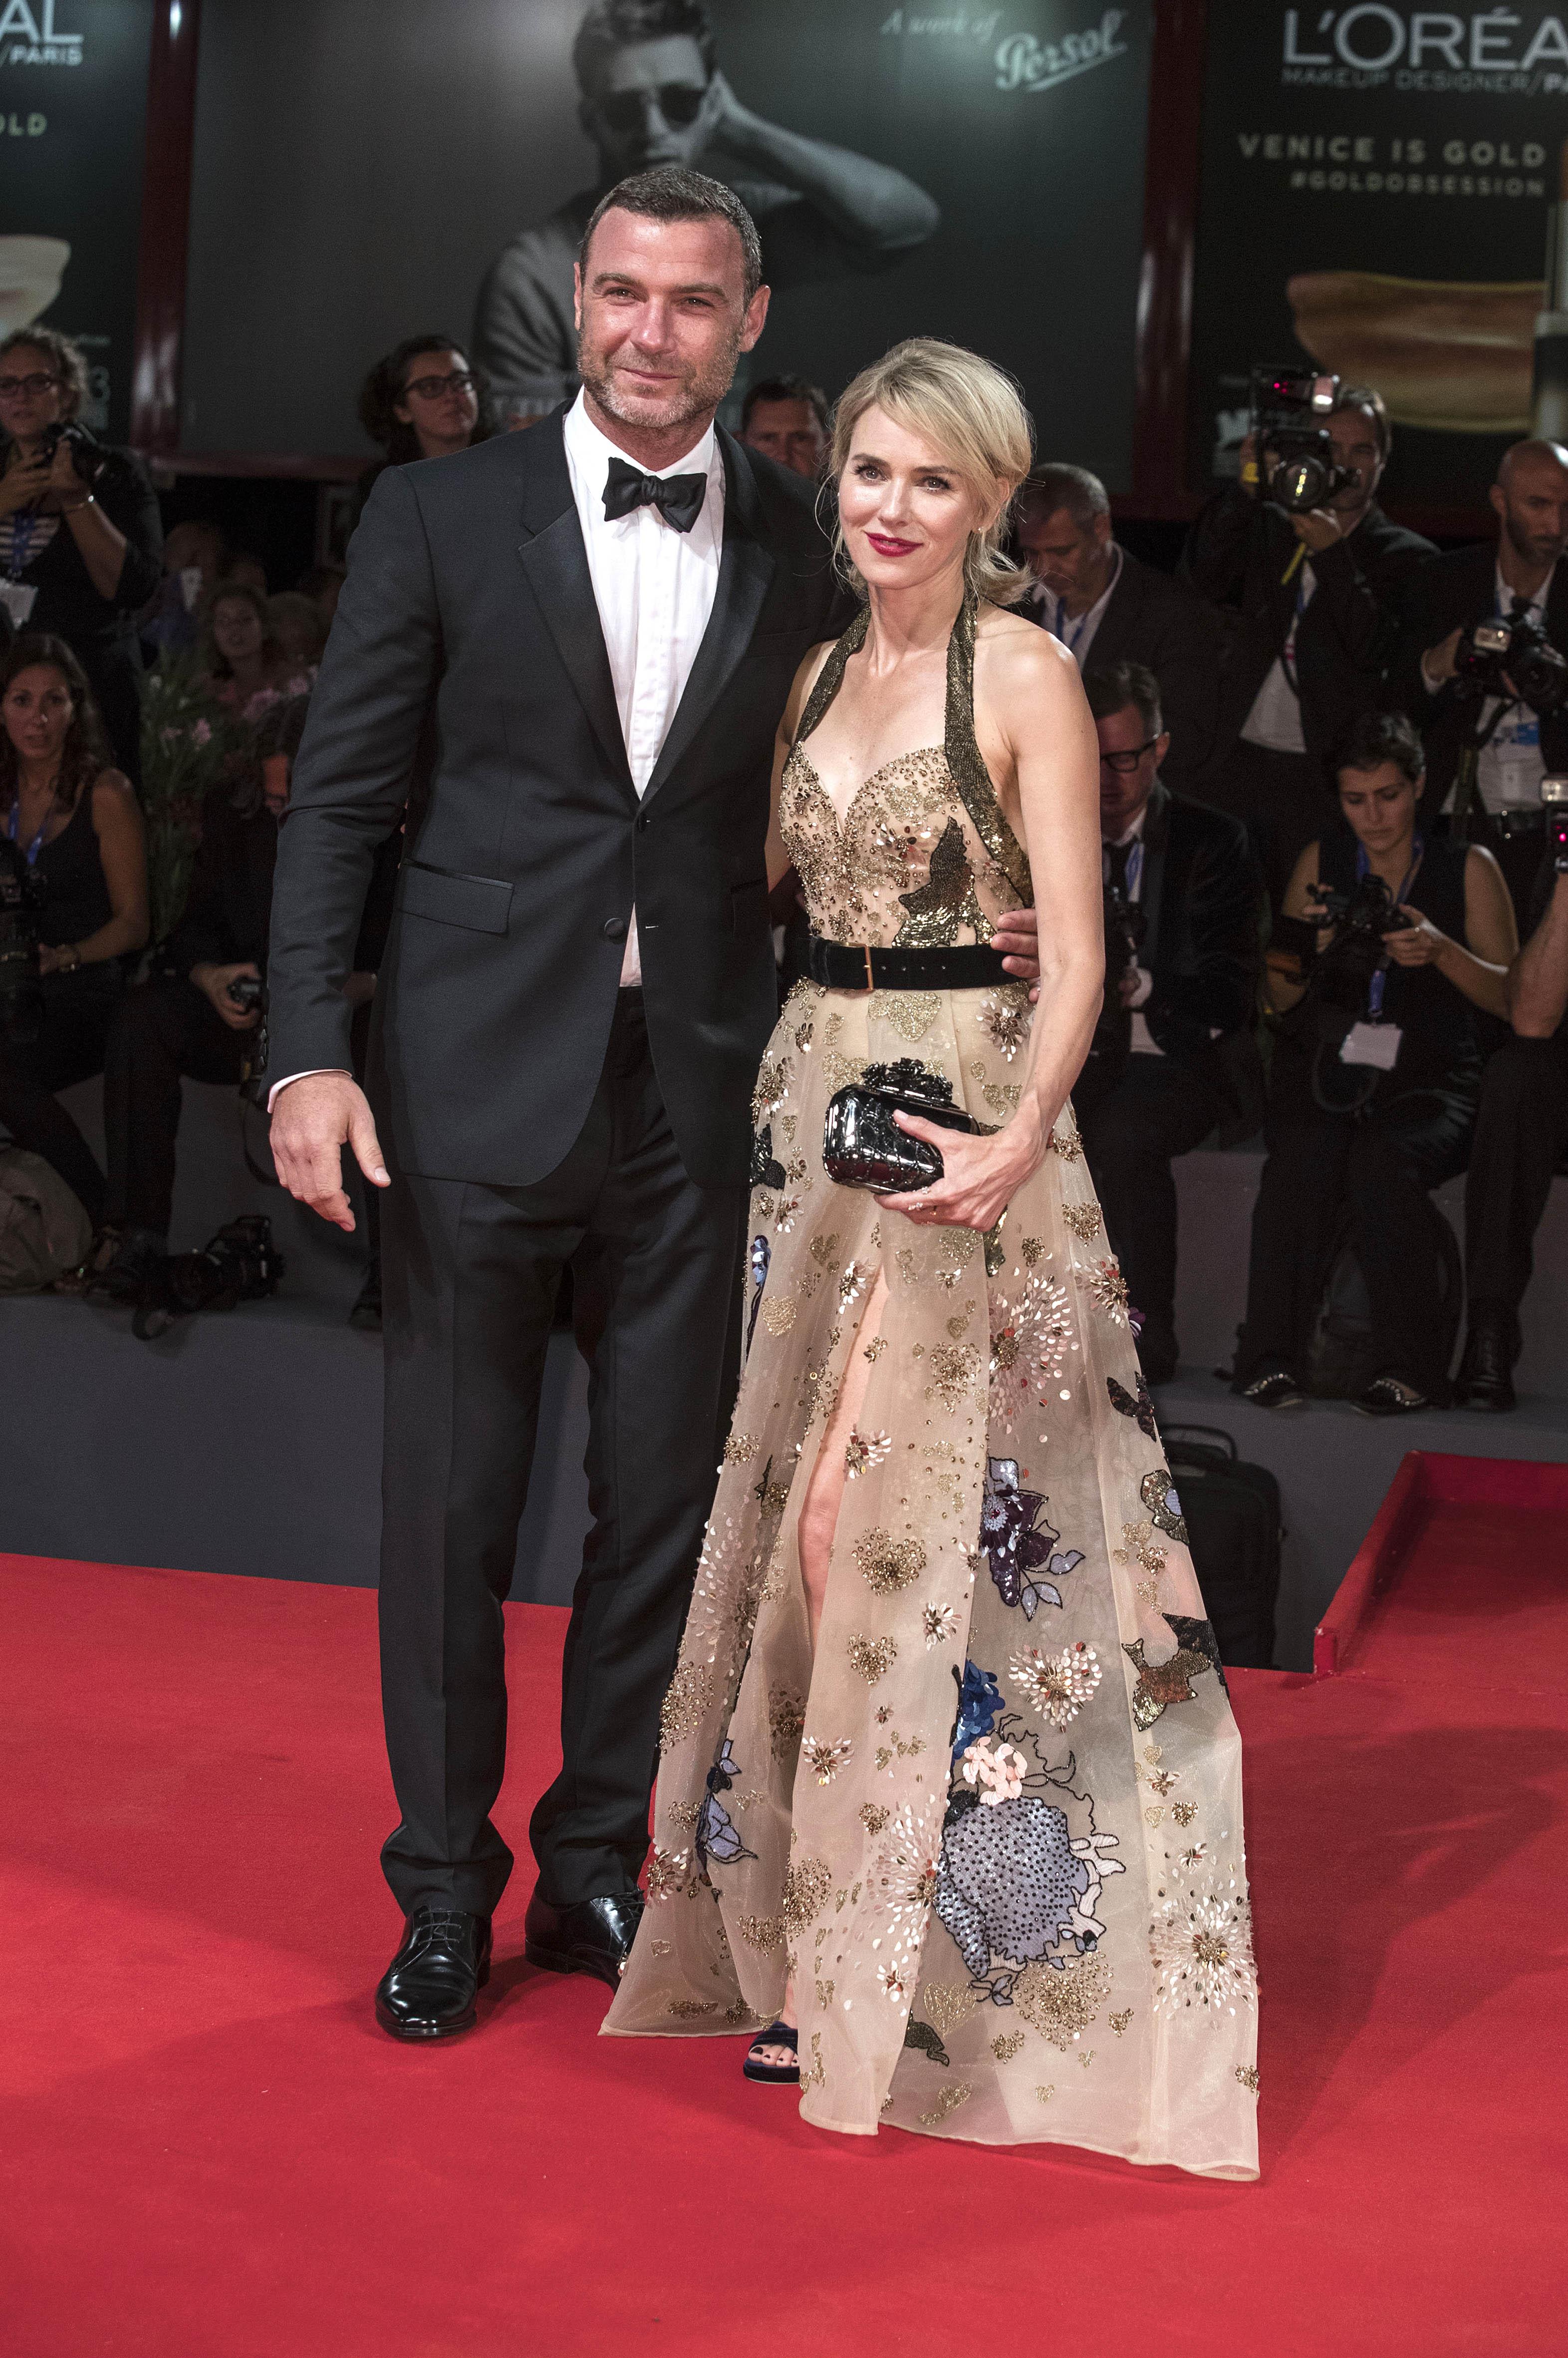 Голливудские актеры Наоми Уоттс и Лив Шрайбер объявили о расставании